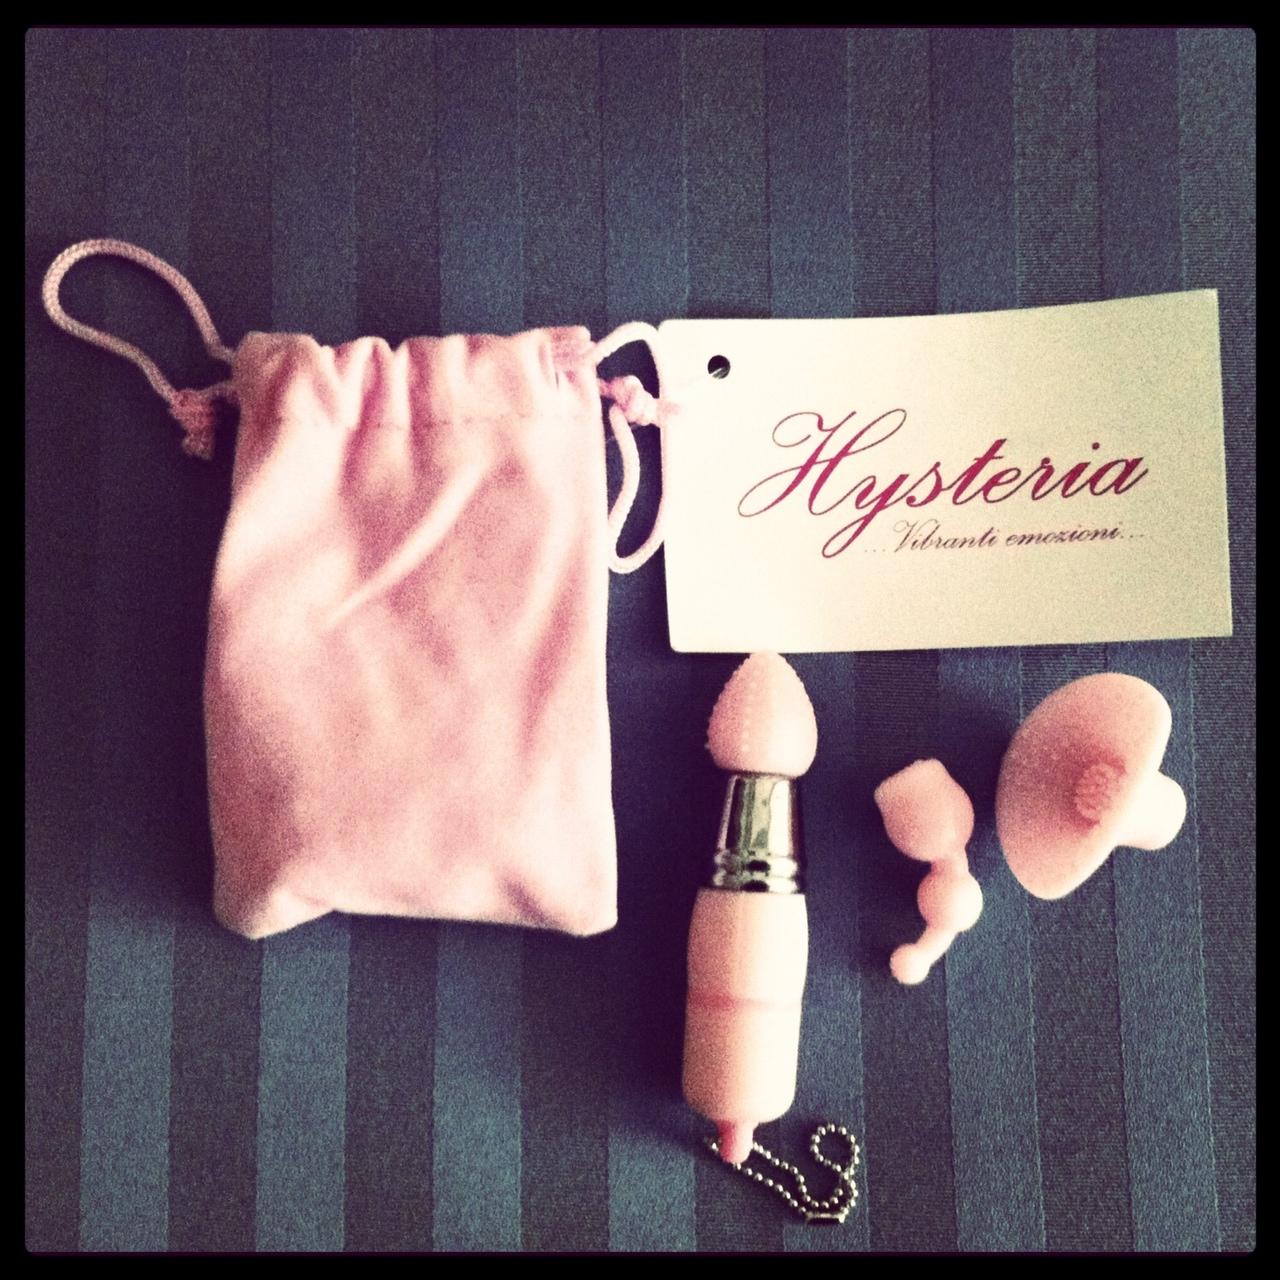 http://3.bp.blogspot.com/-mrVZ83AlaoI/T0NR_TTN4bI/AAAAAAAAGWA/VZIN08Ff4Vo/s1600/hysteria_gadget_vibratore.jpeg